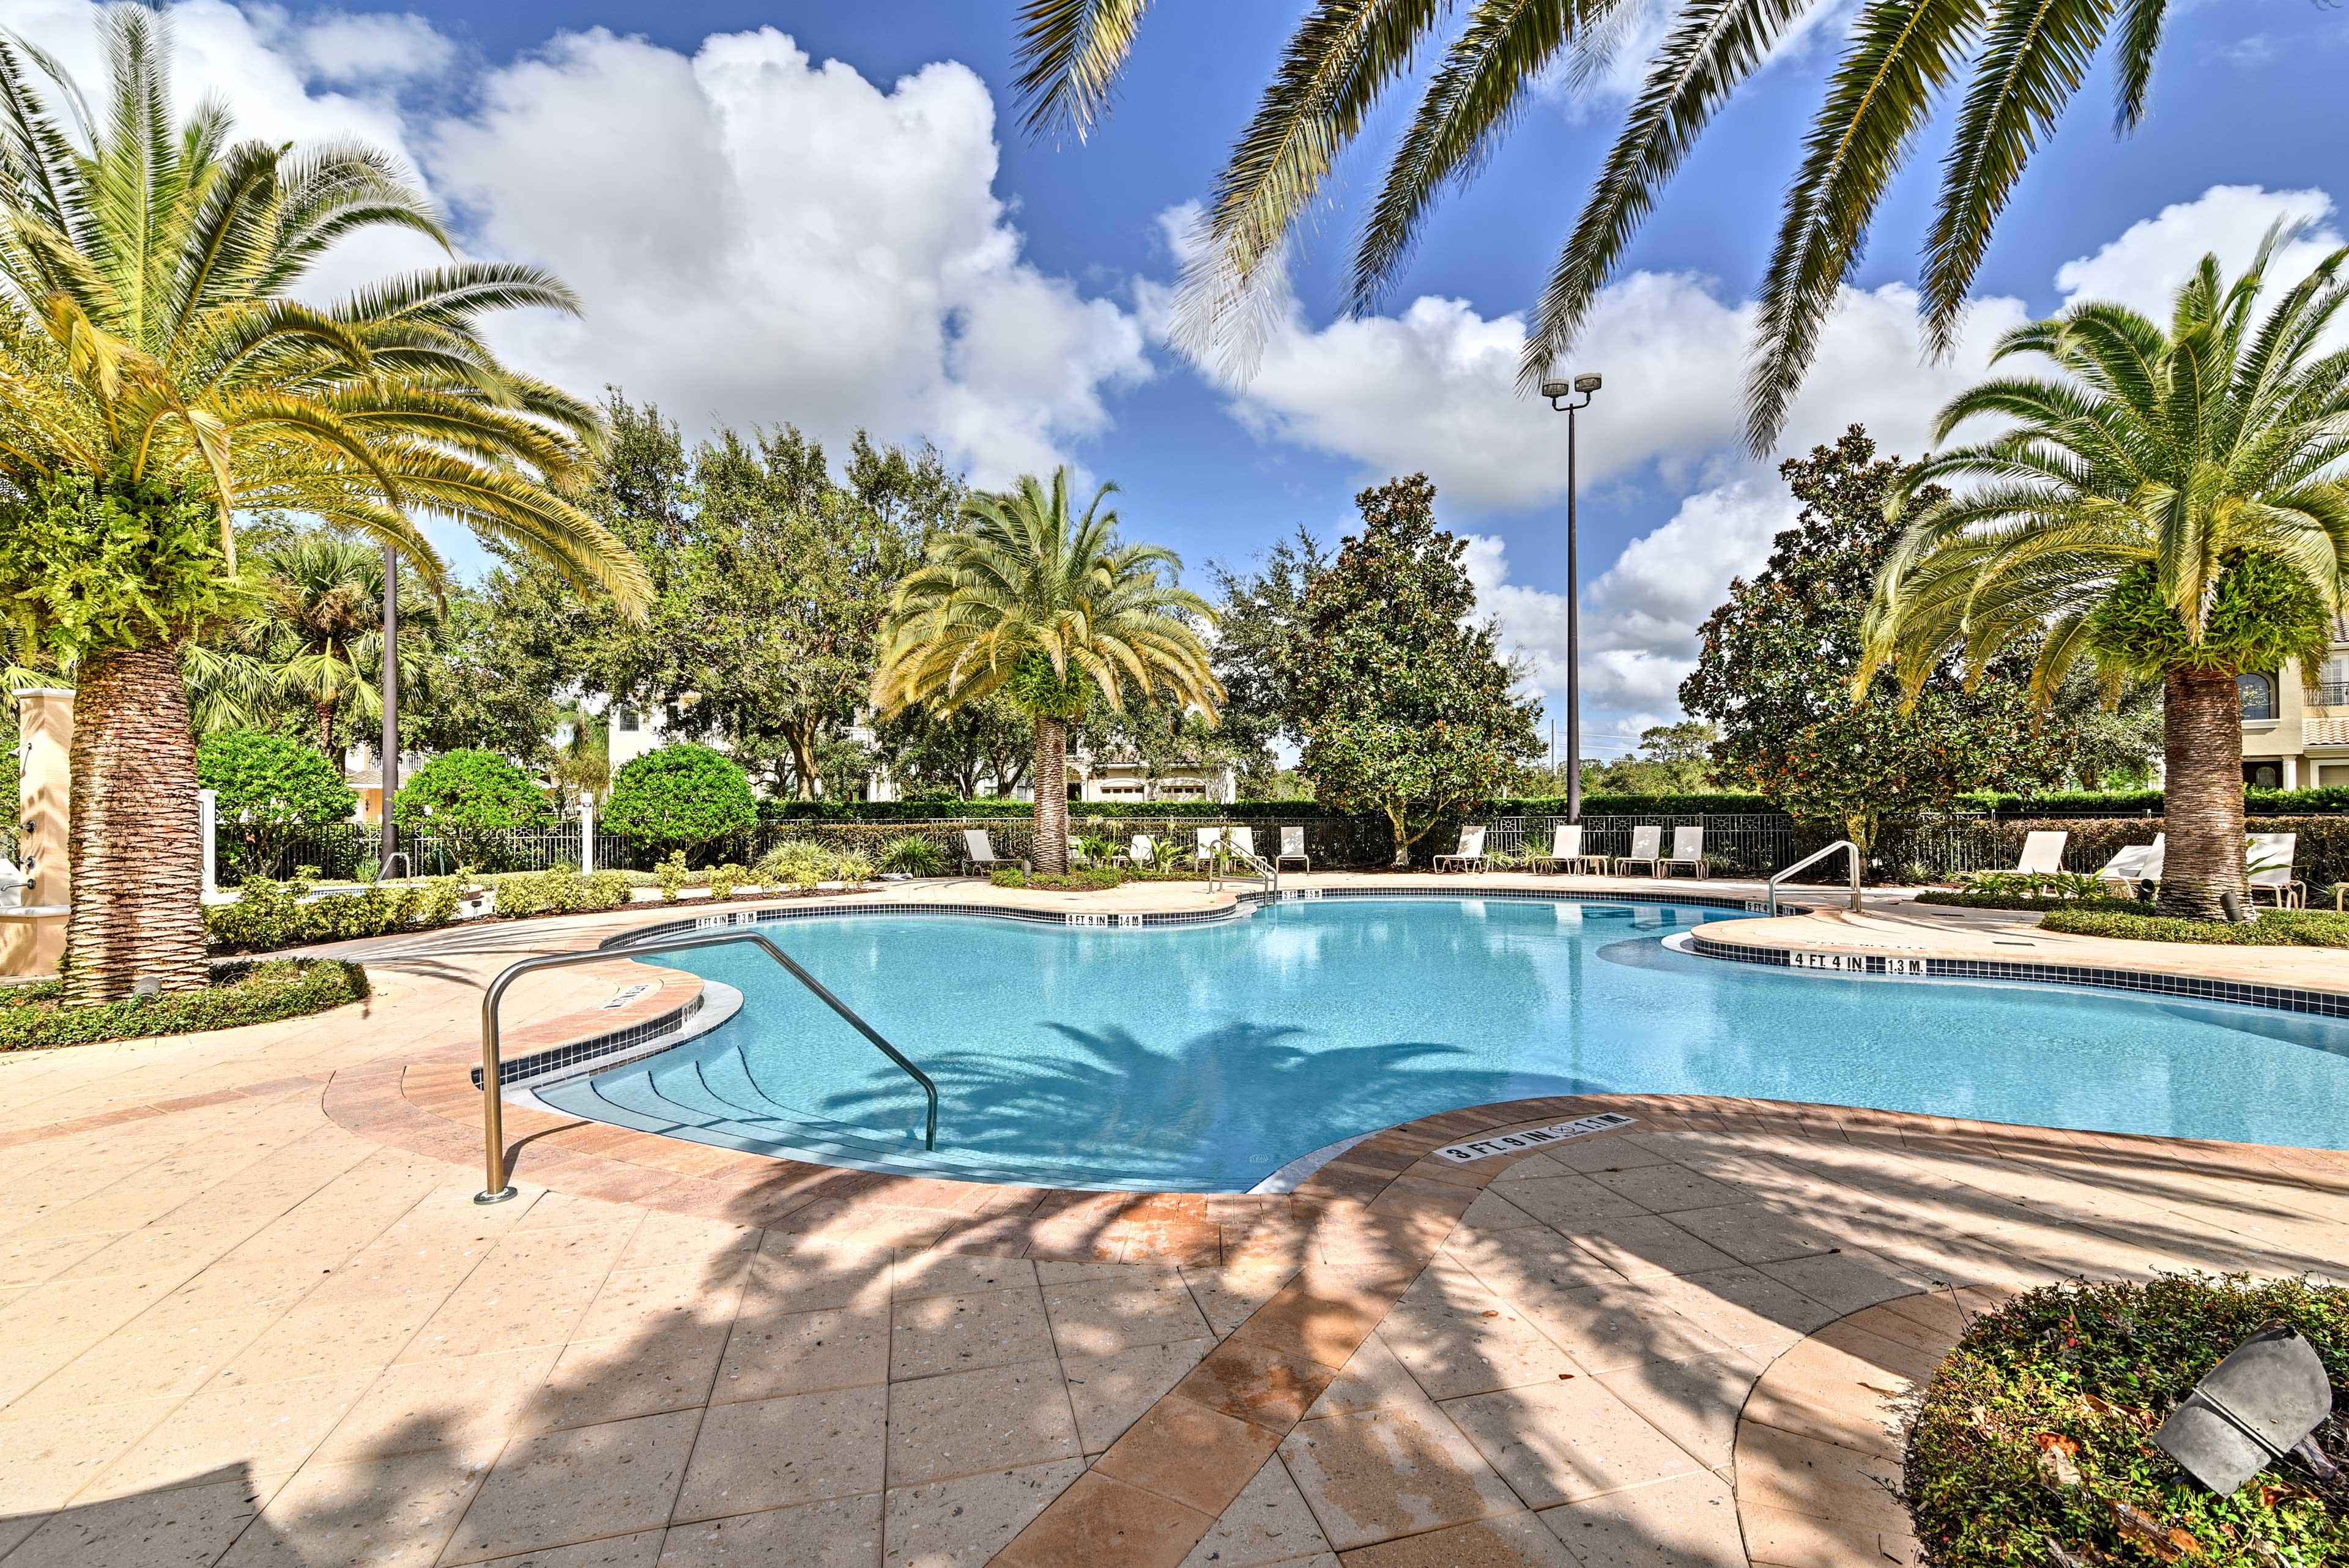 Resort Amenities | Water Park